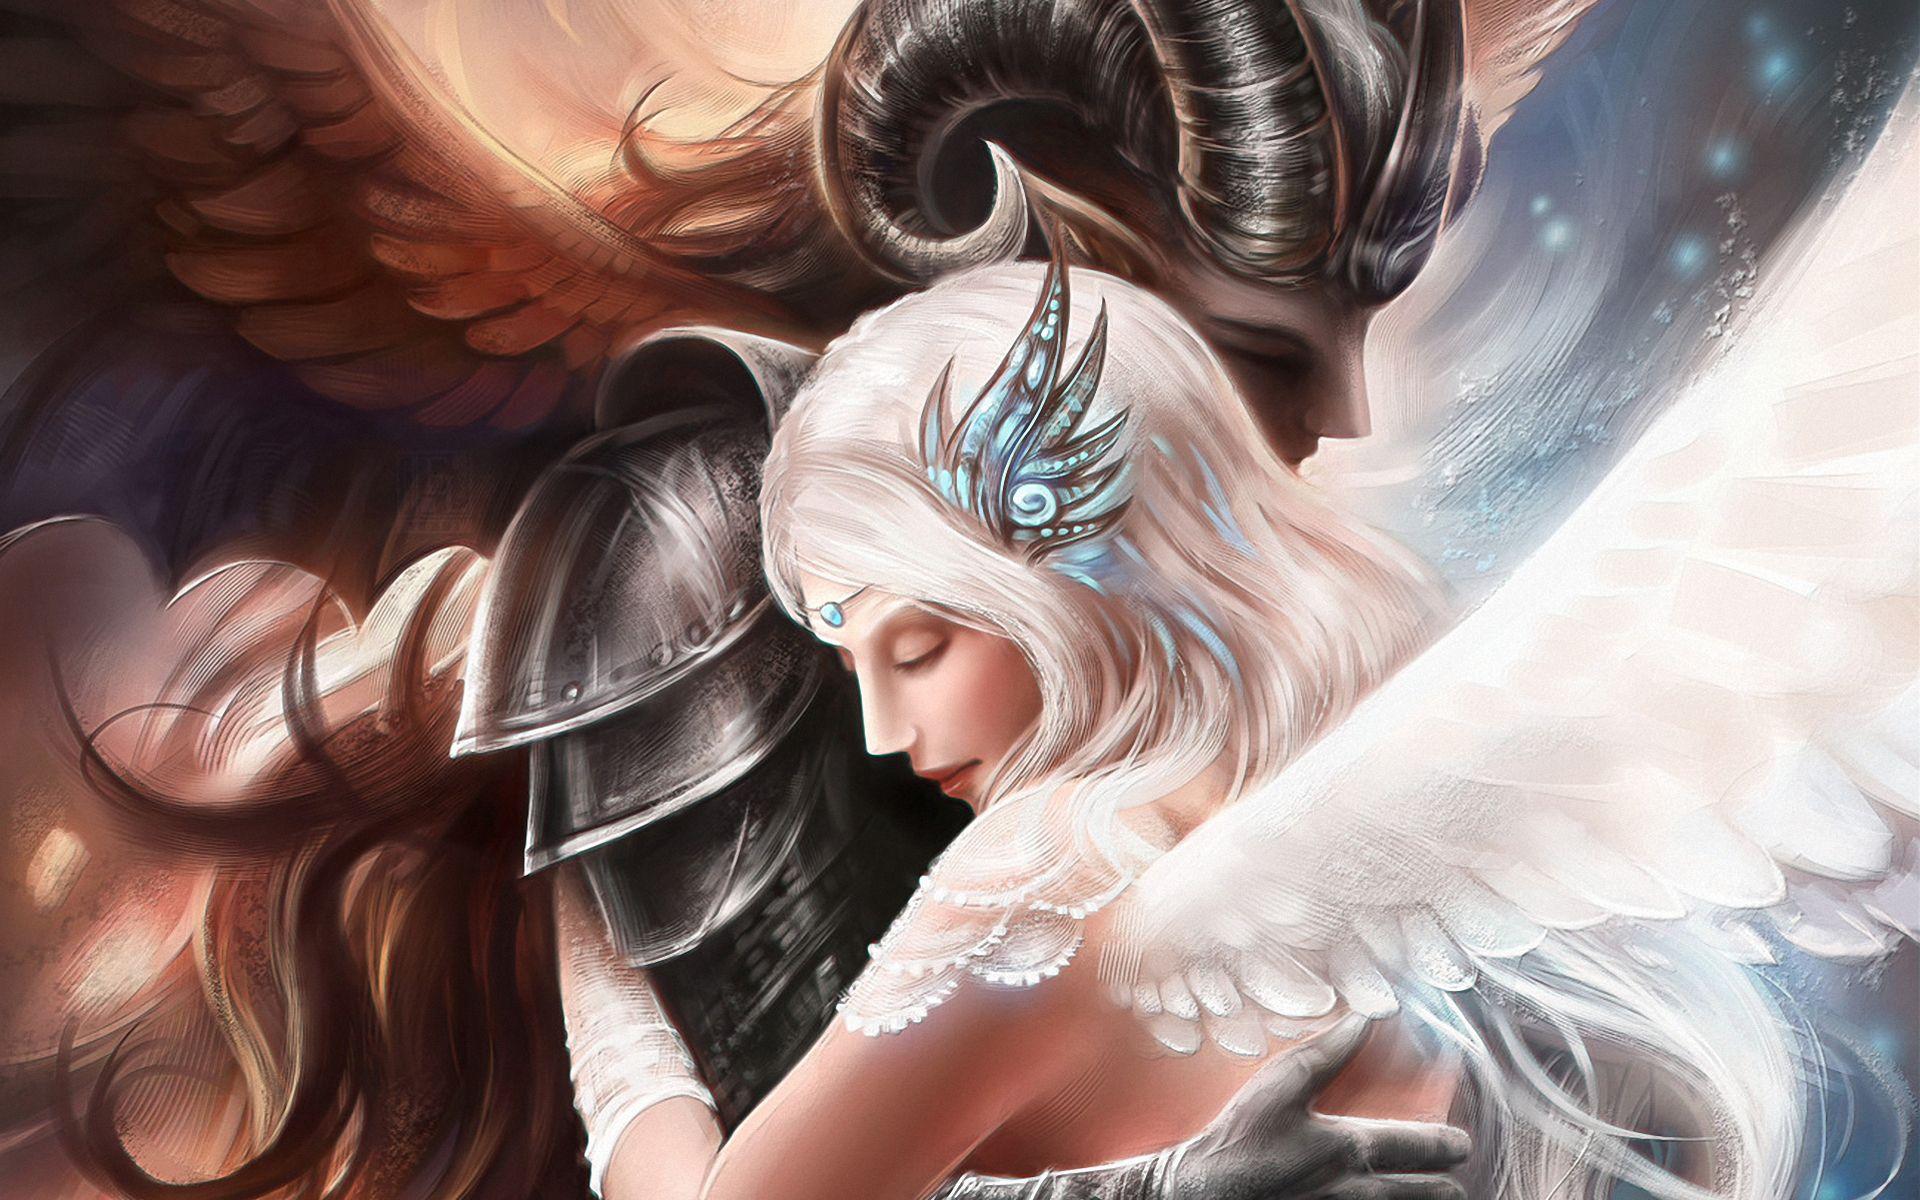 art, #girl, #love, #angel, #Guy, #demon, #hugs | Fantasy couples, Light in  the dark, Angels and demons